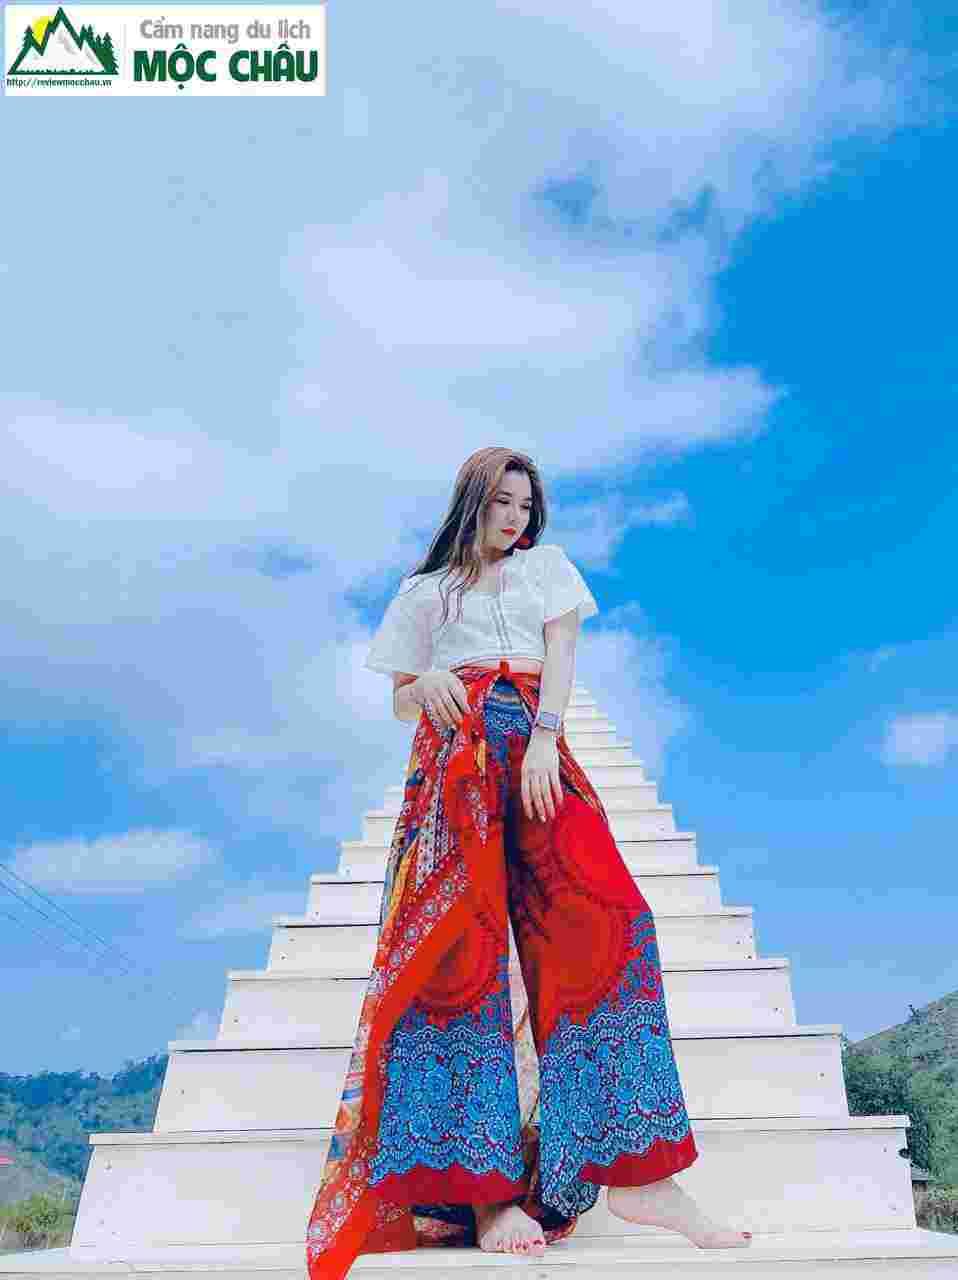 thoi trang vintage moc chau 1 172 - Tiệm cho thuê trang phục, phụ kiện boho, vintage đẹp Mộc Châu | Tiệm Nguyễn